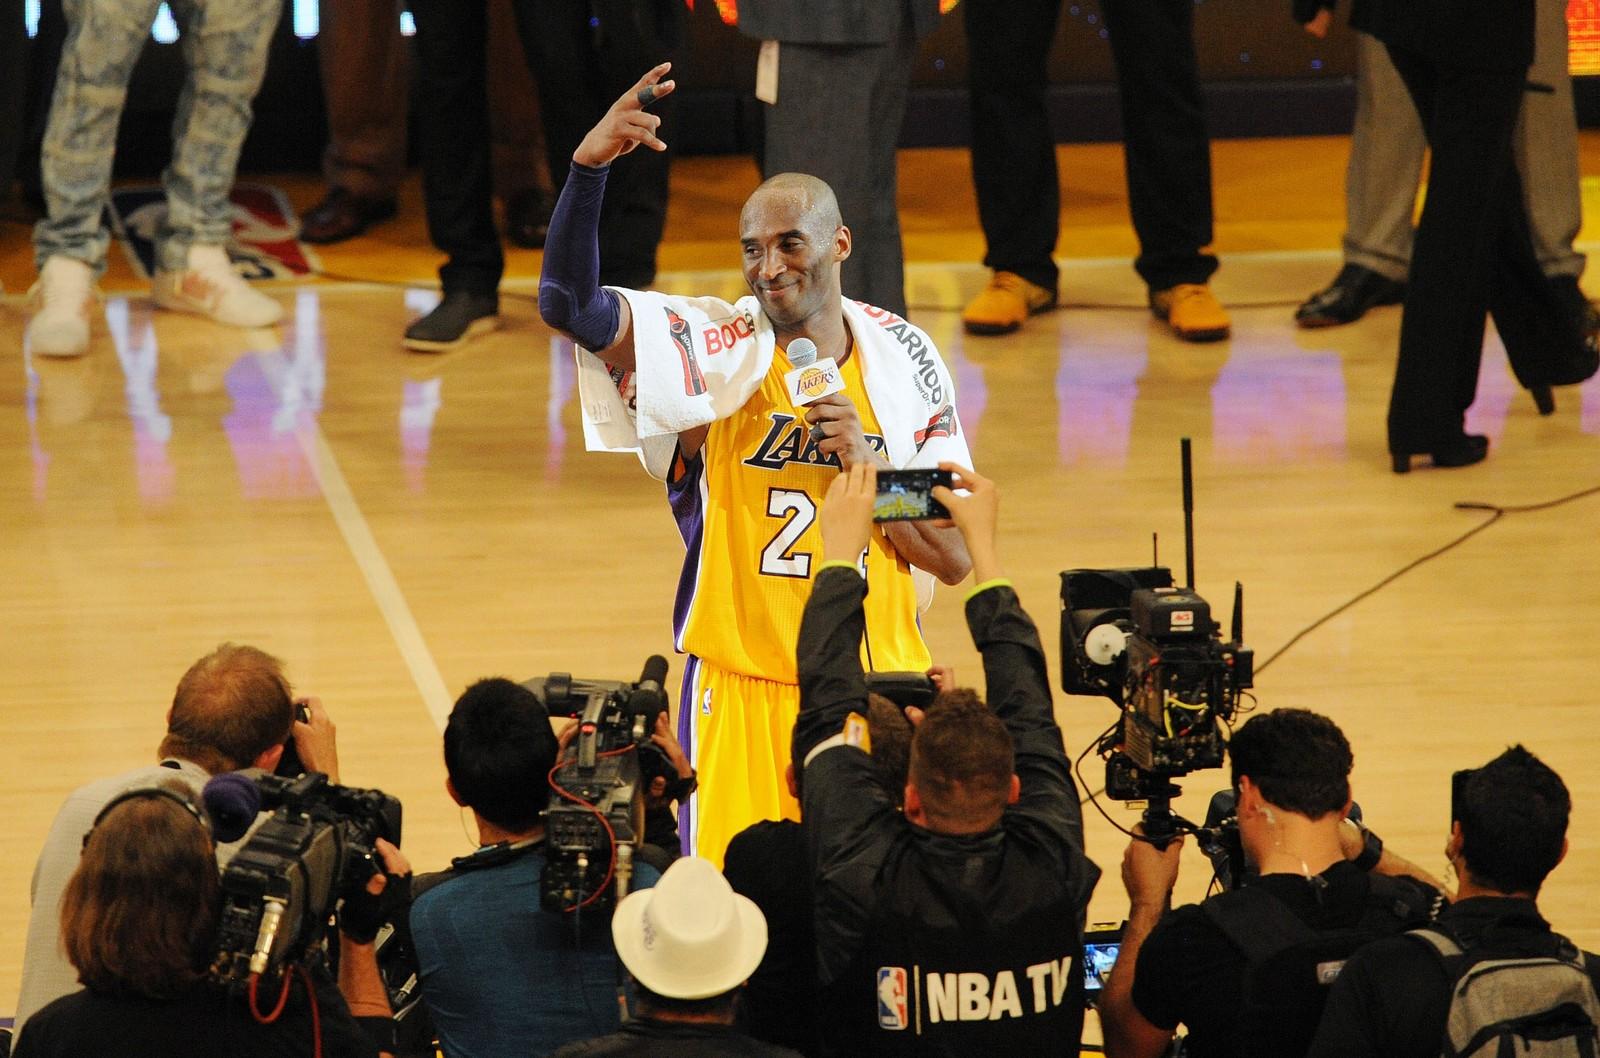 Basketballspiller Kobe Bryant sa noen ord til publikum og pressen i pausen i kampen mellom Los Angeles Lakers og Utah Jazz i Staples Center i Los Angeles. Kampen var den aller siste i karrieren for Bryant. Lakers vant kampen 101-96.